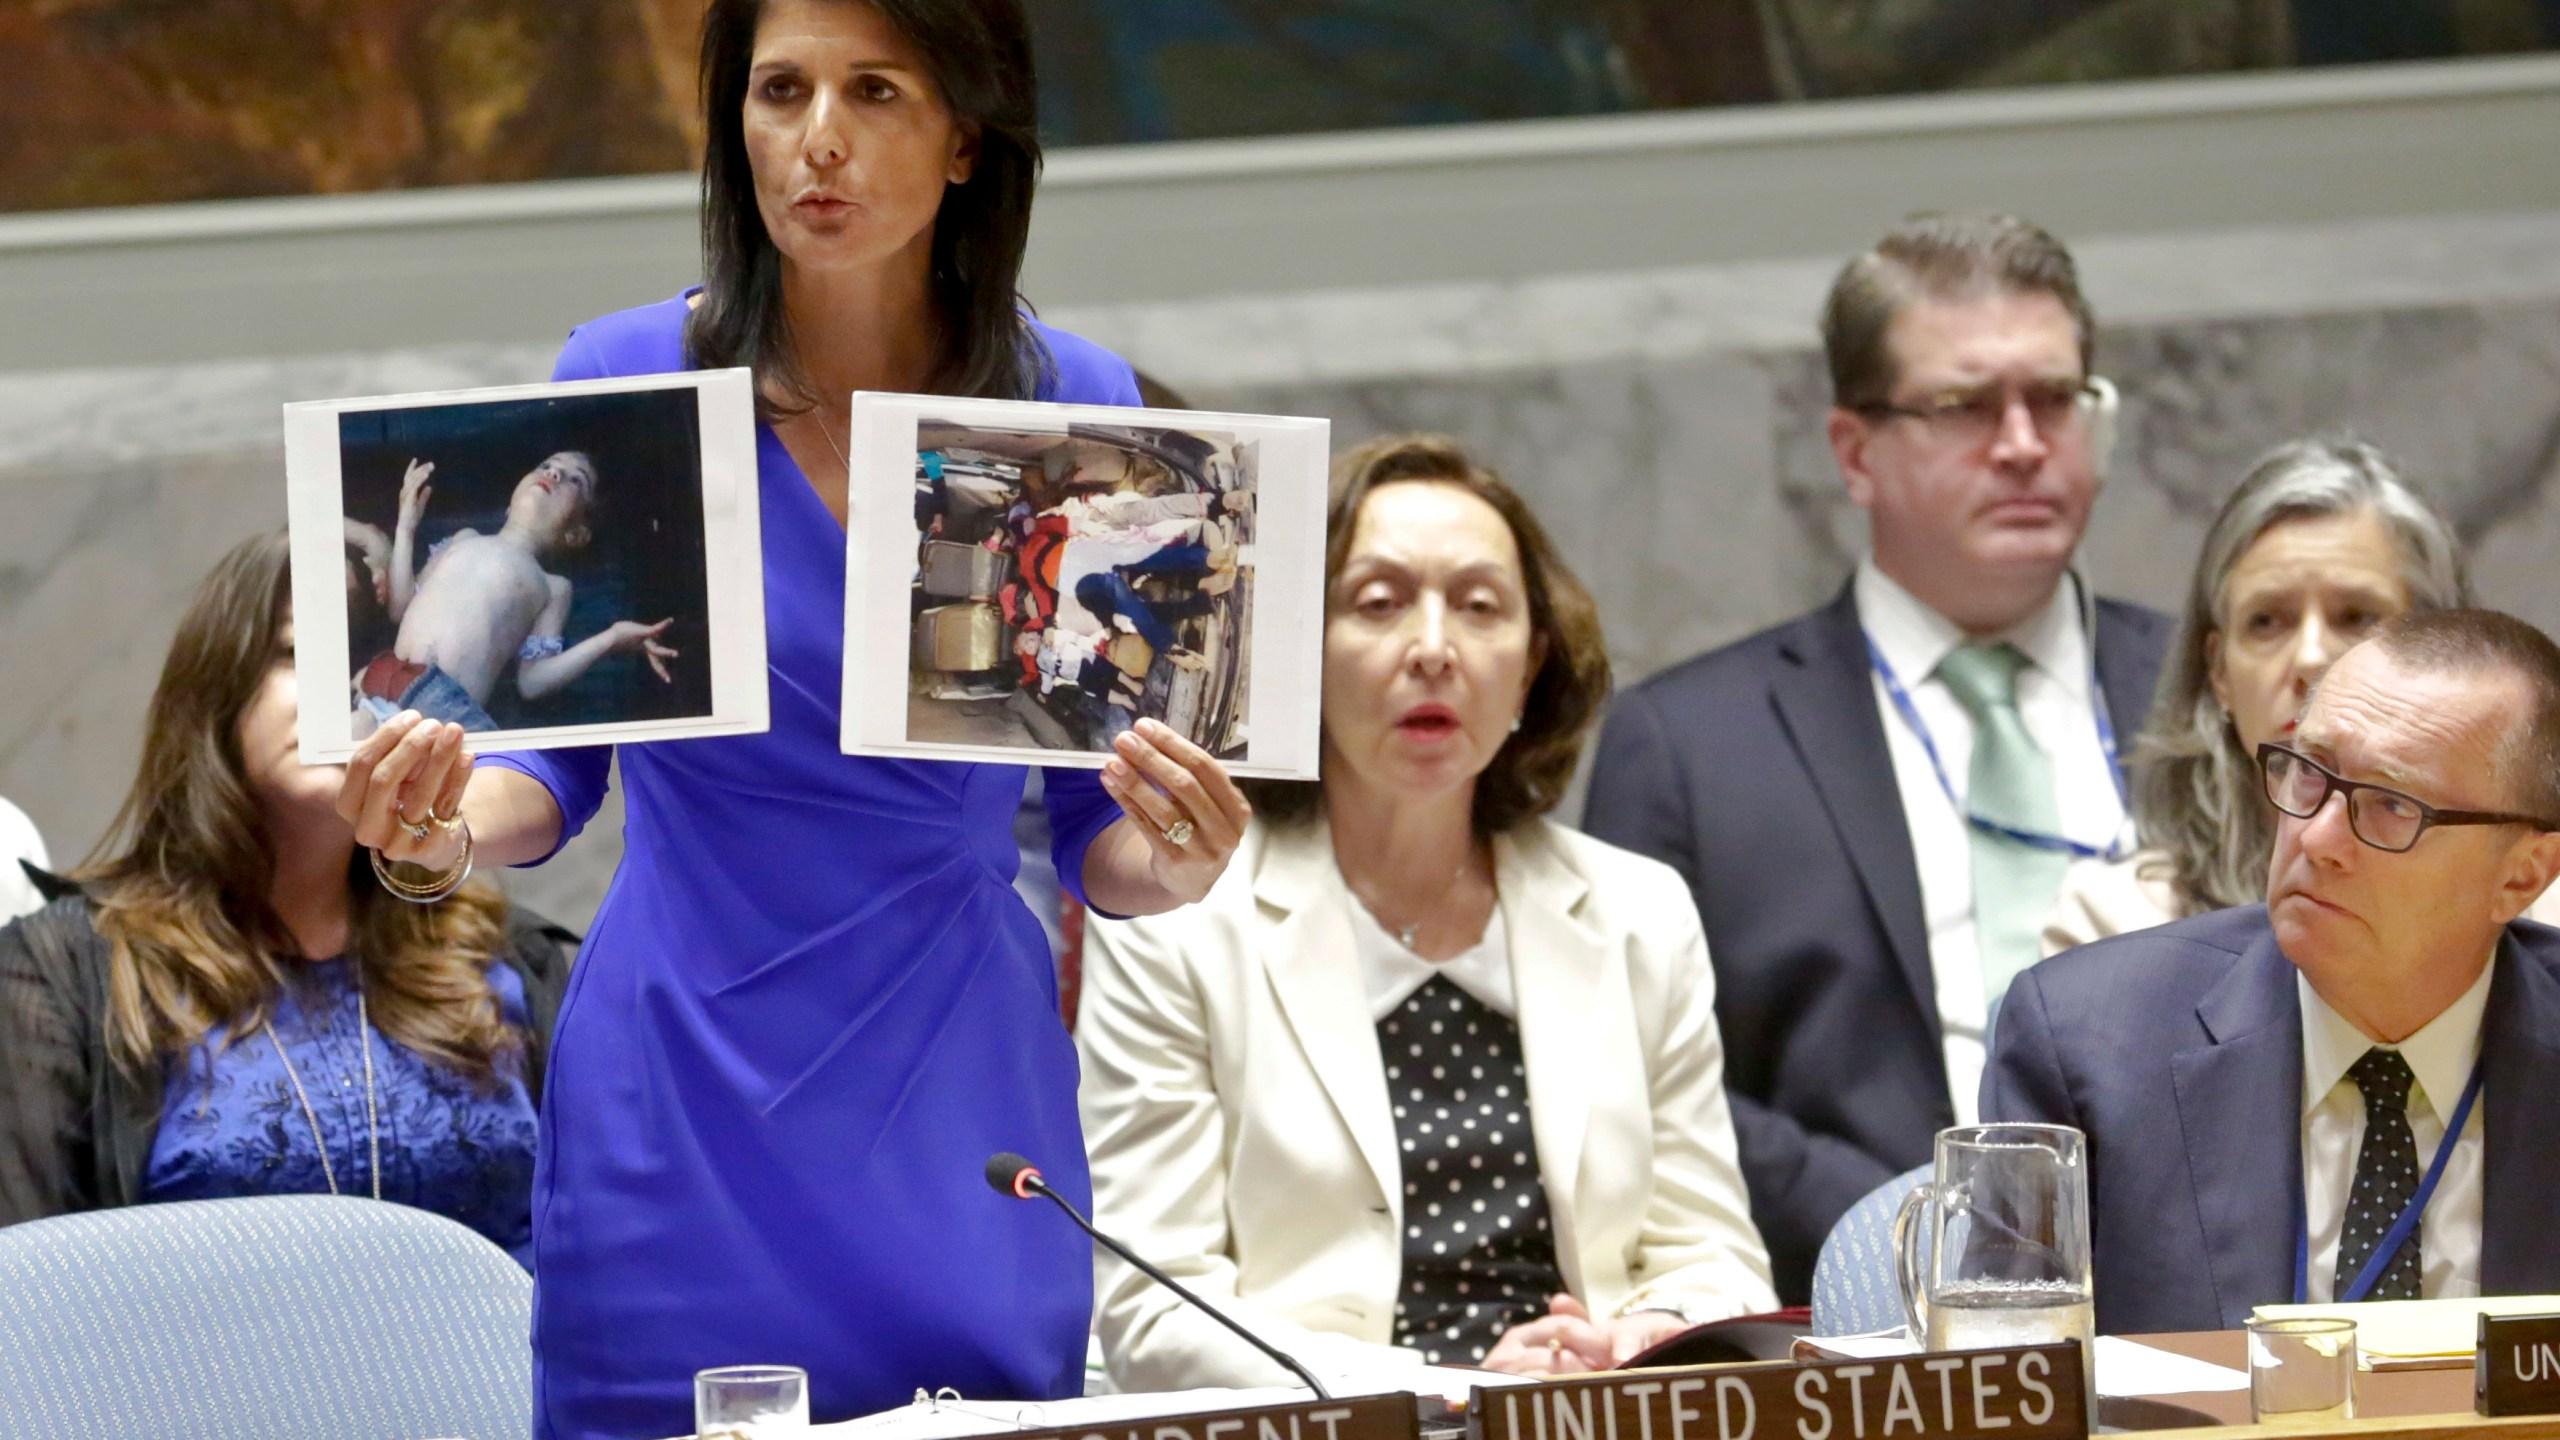 un syriaUN Syria Photo by Bebeto Matthews, AP Photo_309394